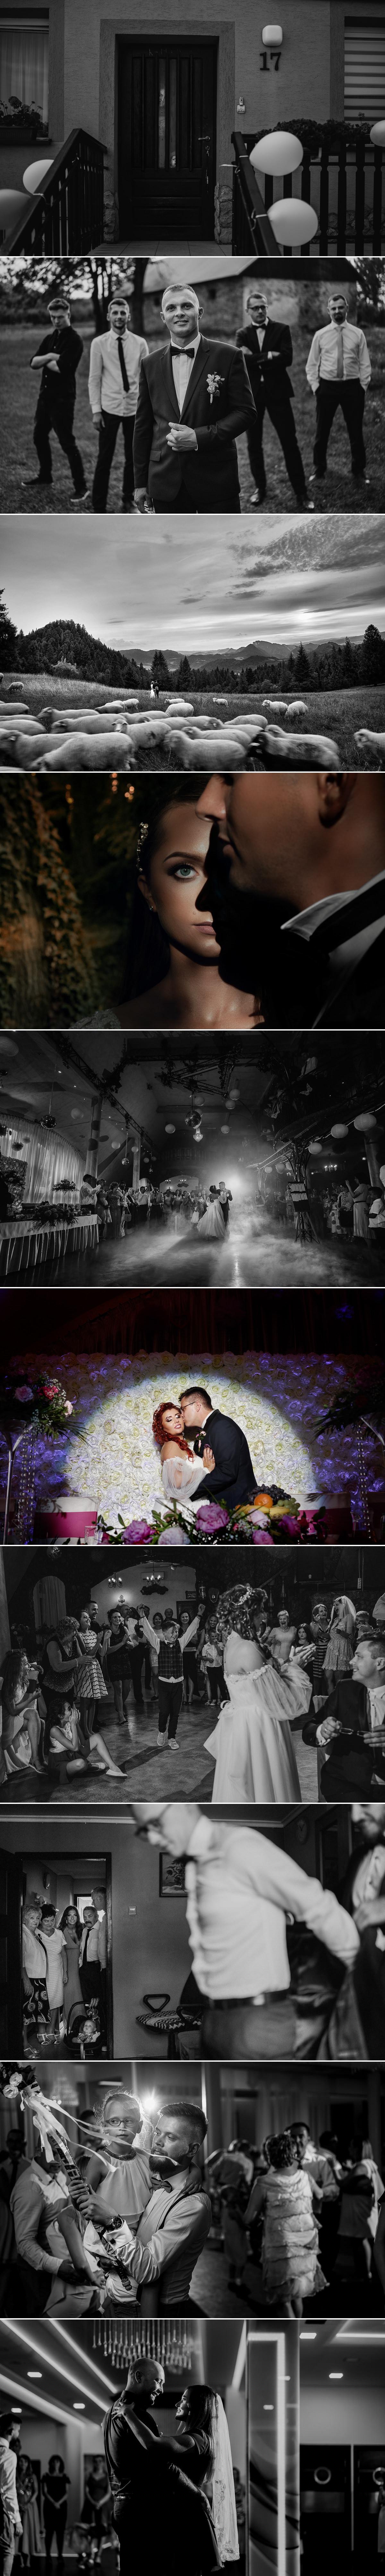 zdjęcia ślubne z reportaży ślubnych i sesji plenerowych w wykonaniu Dawid Mazur fotografia